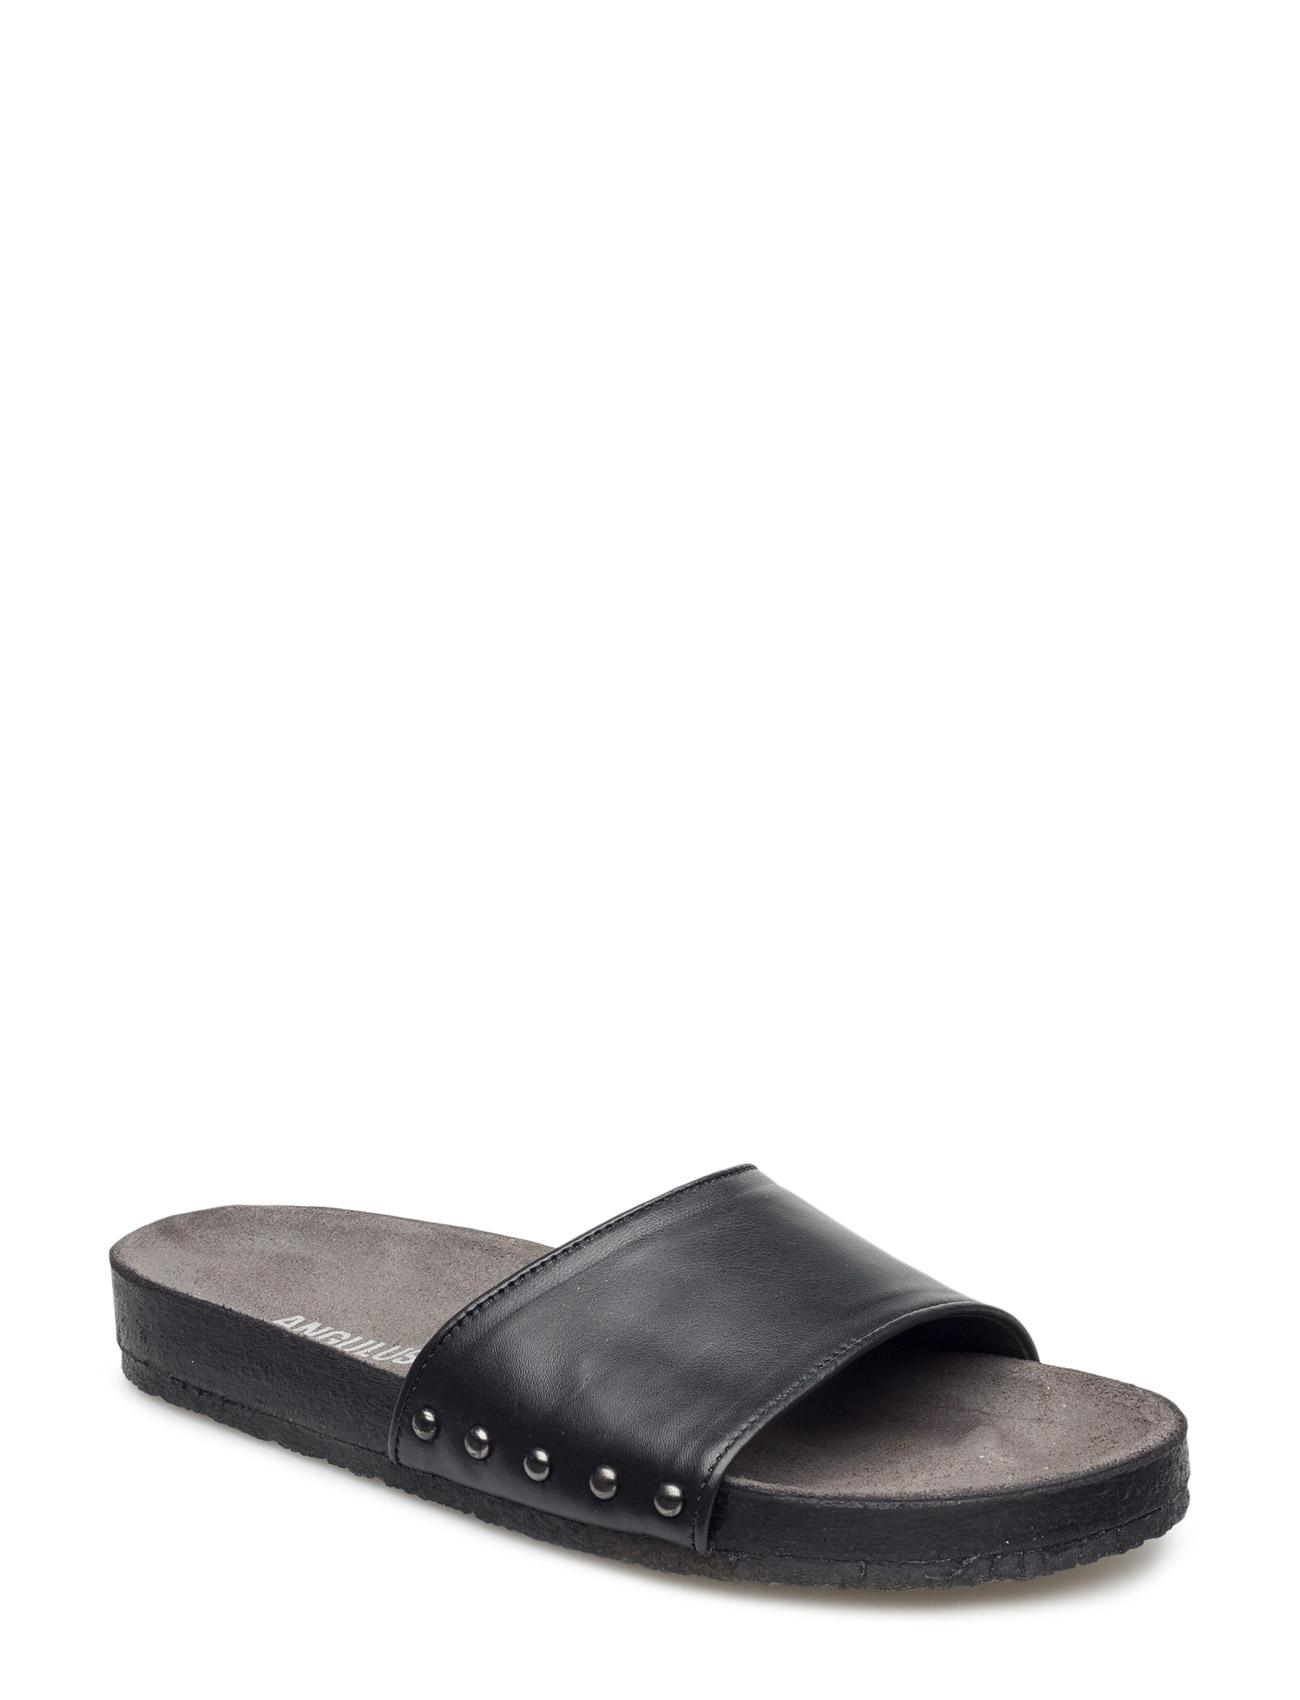 Sandals- Flat  - Open Toe - Open Counter ANGULUS Sandaler til Kvinder i 1316 Champagne